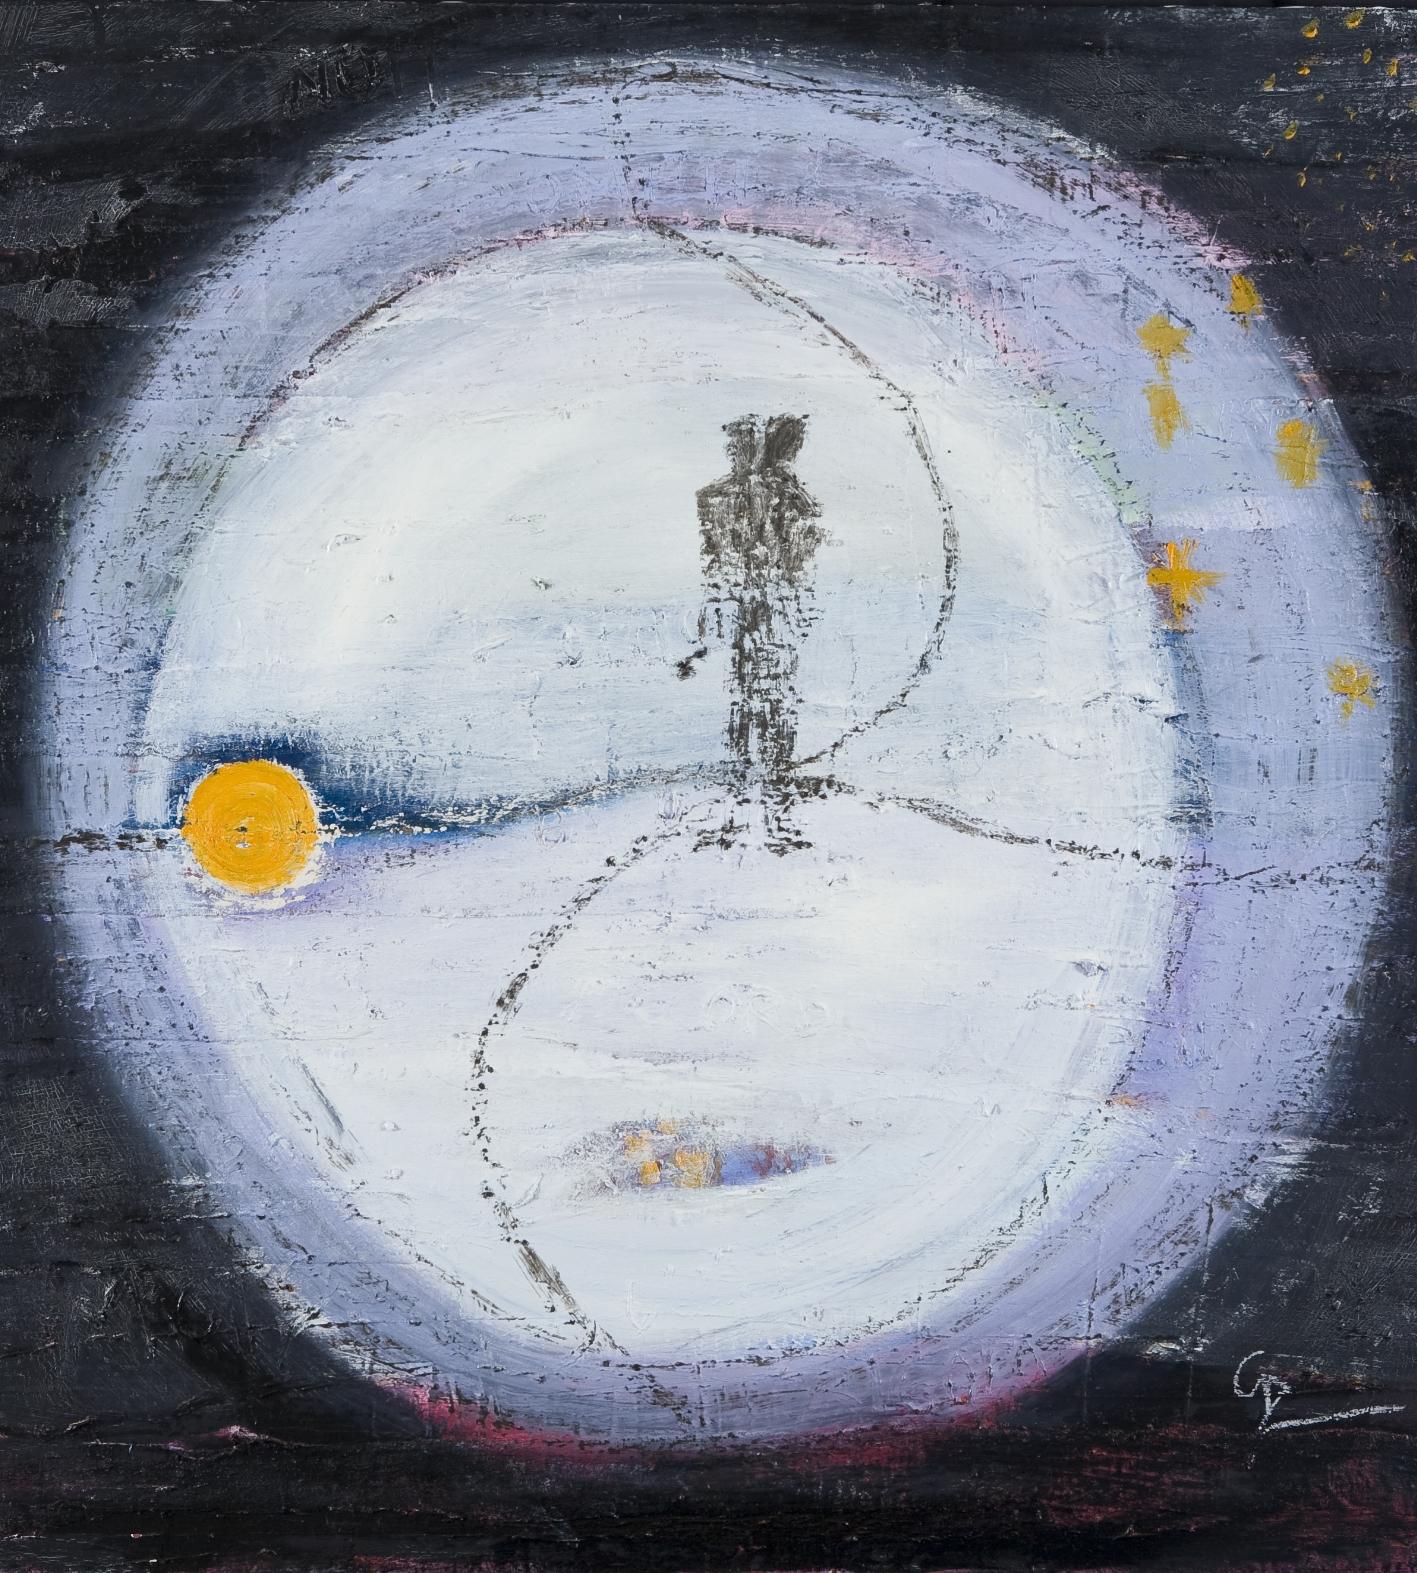 Incarnez votre mythe et déployez votre mission, en suivant le chemin solaire des 12 signes de la roue zodiacale